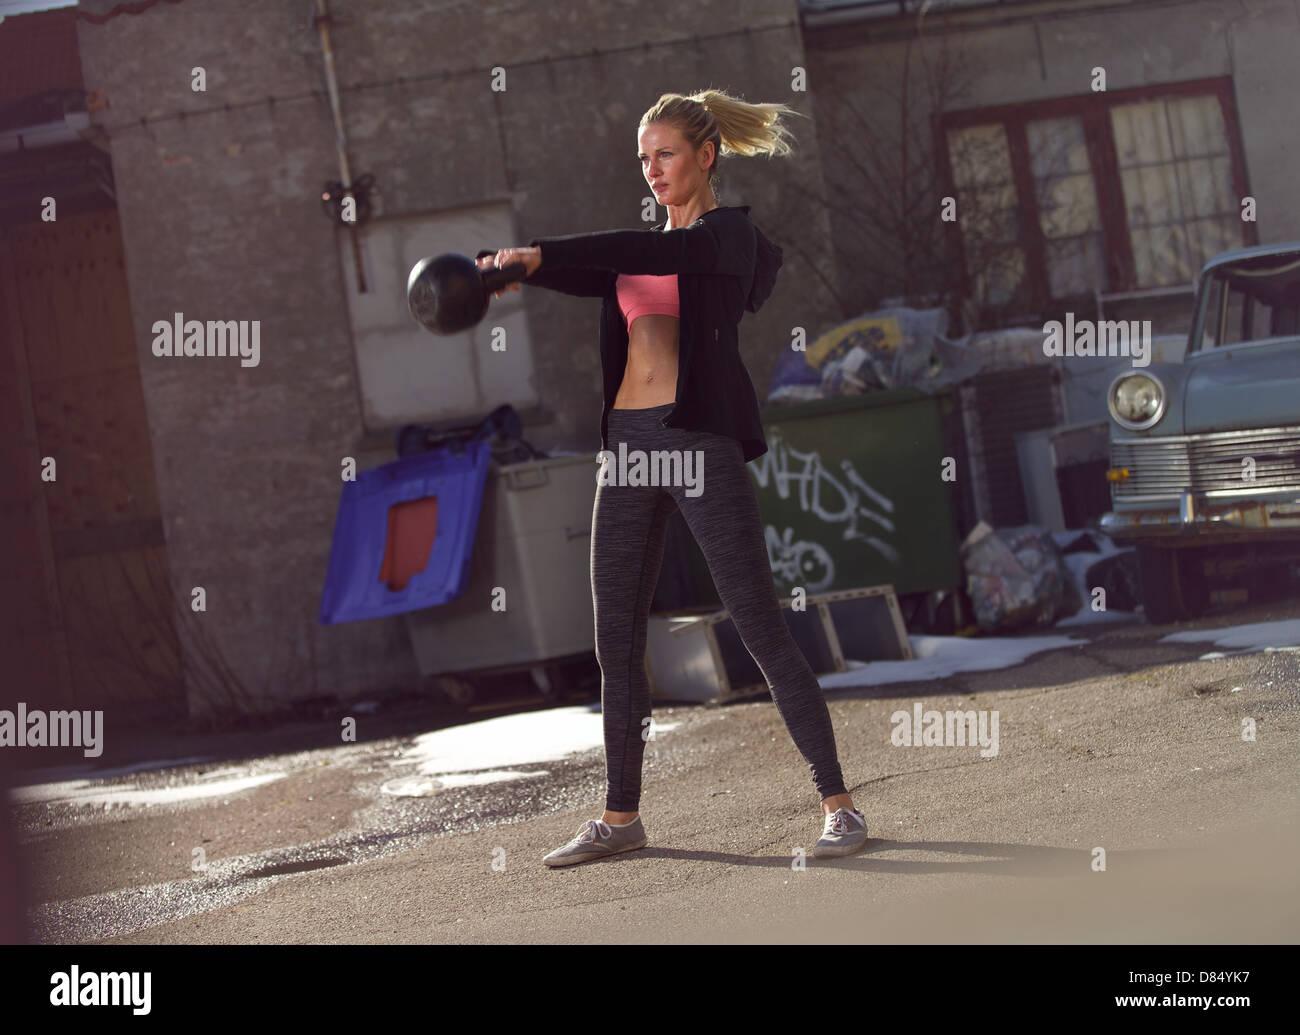 Joven Mujer fitness el balanceo kettlebell crossfit durante la formación Imagen De Stock